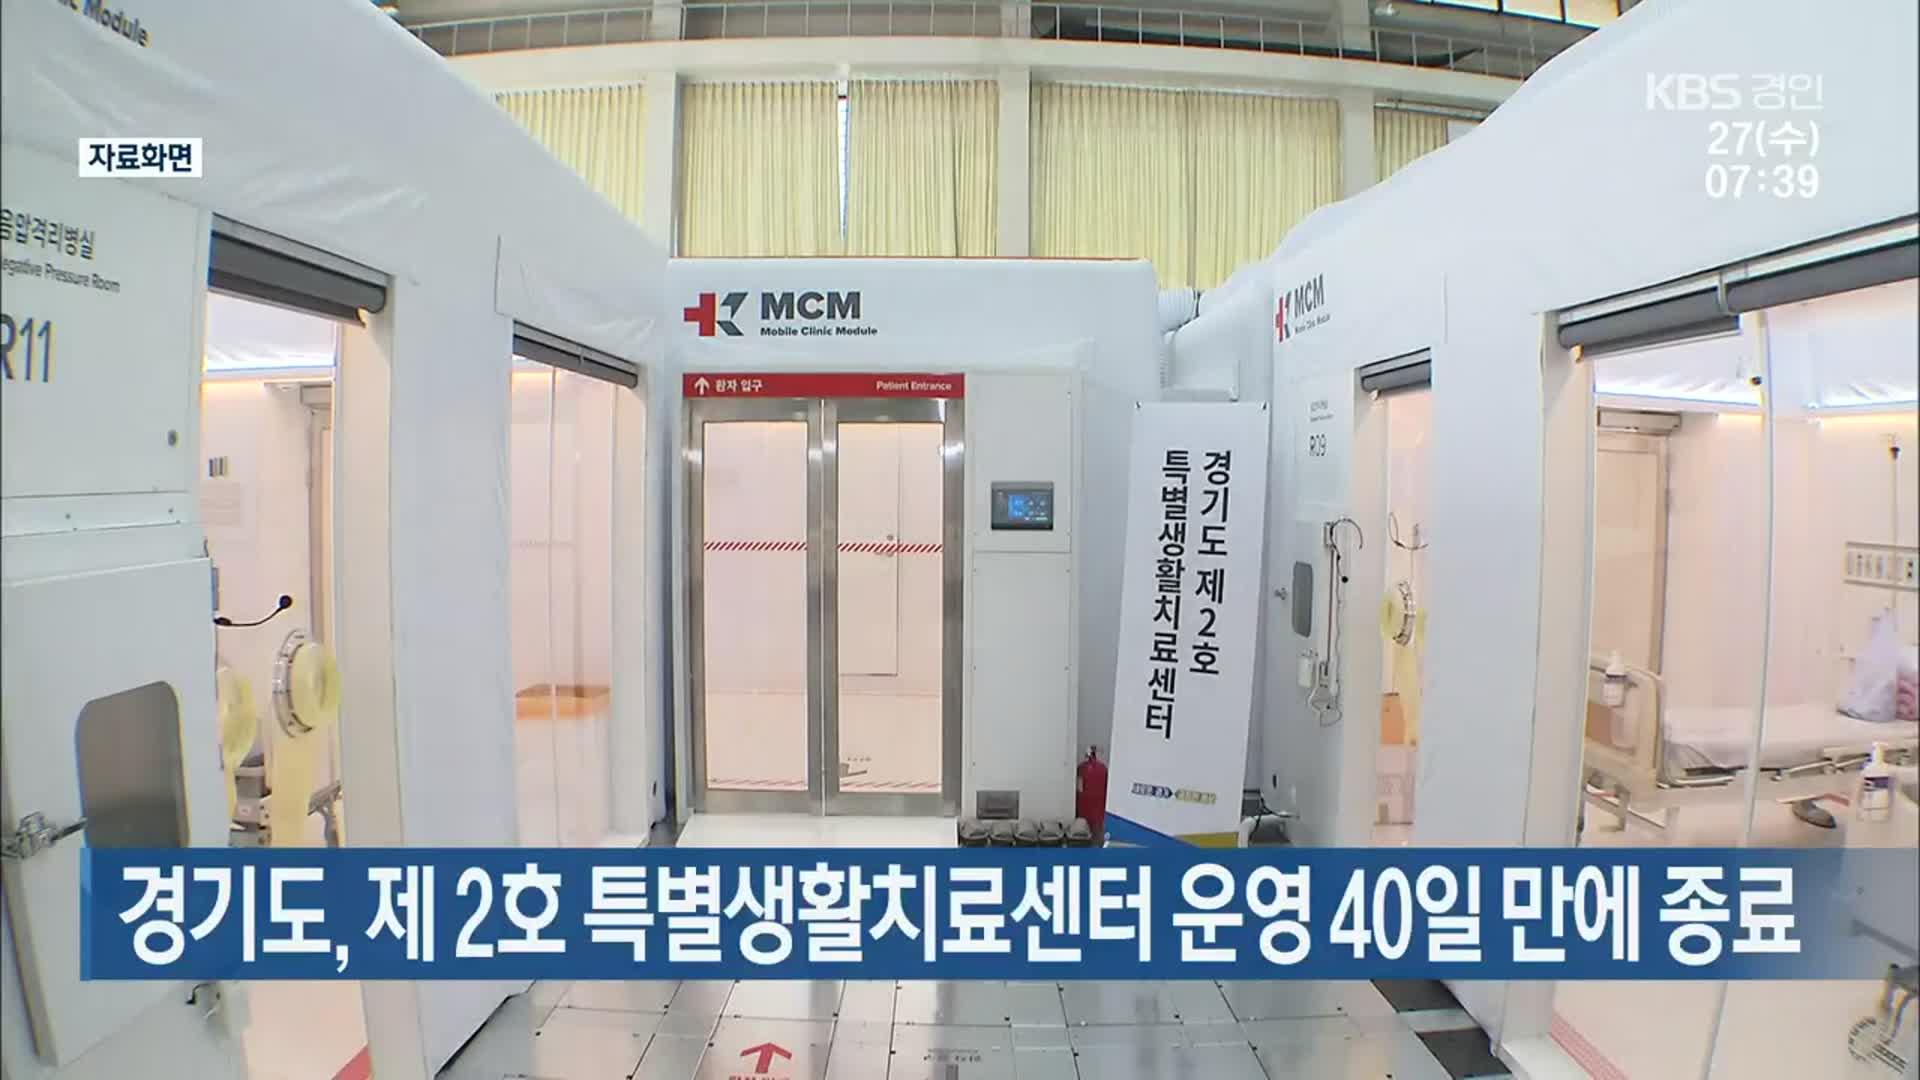 경기도, 제 2호 특별생활치료센터 운영 40일 만에 종료